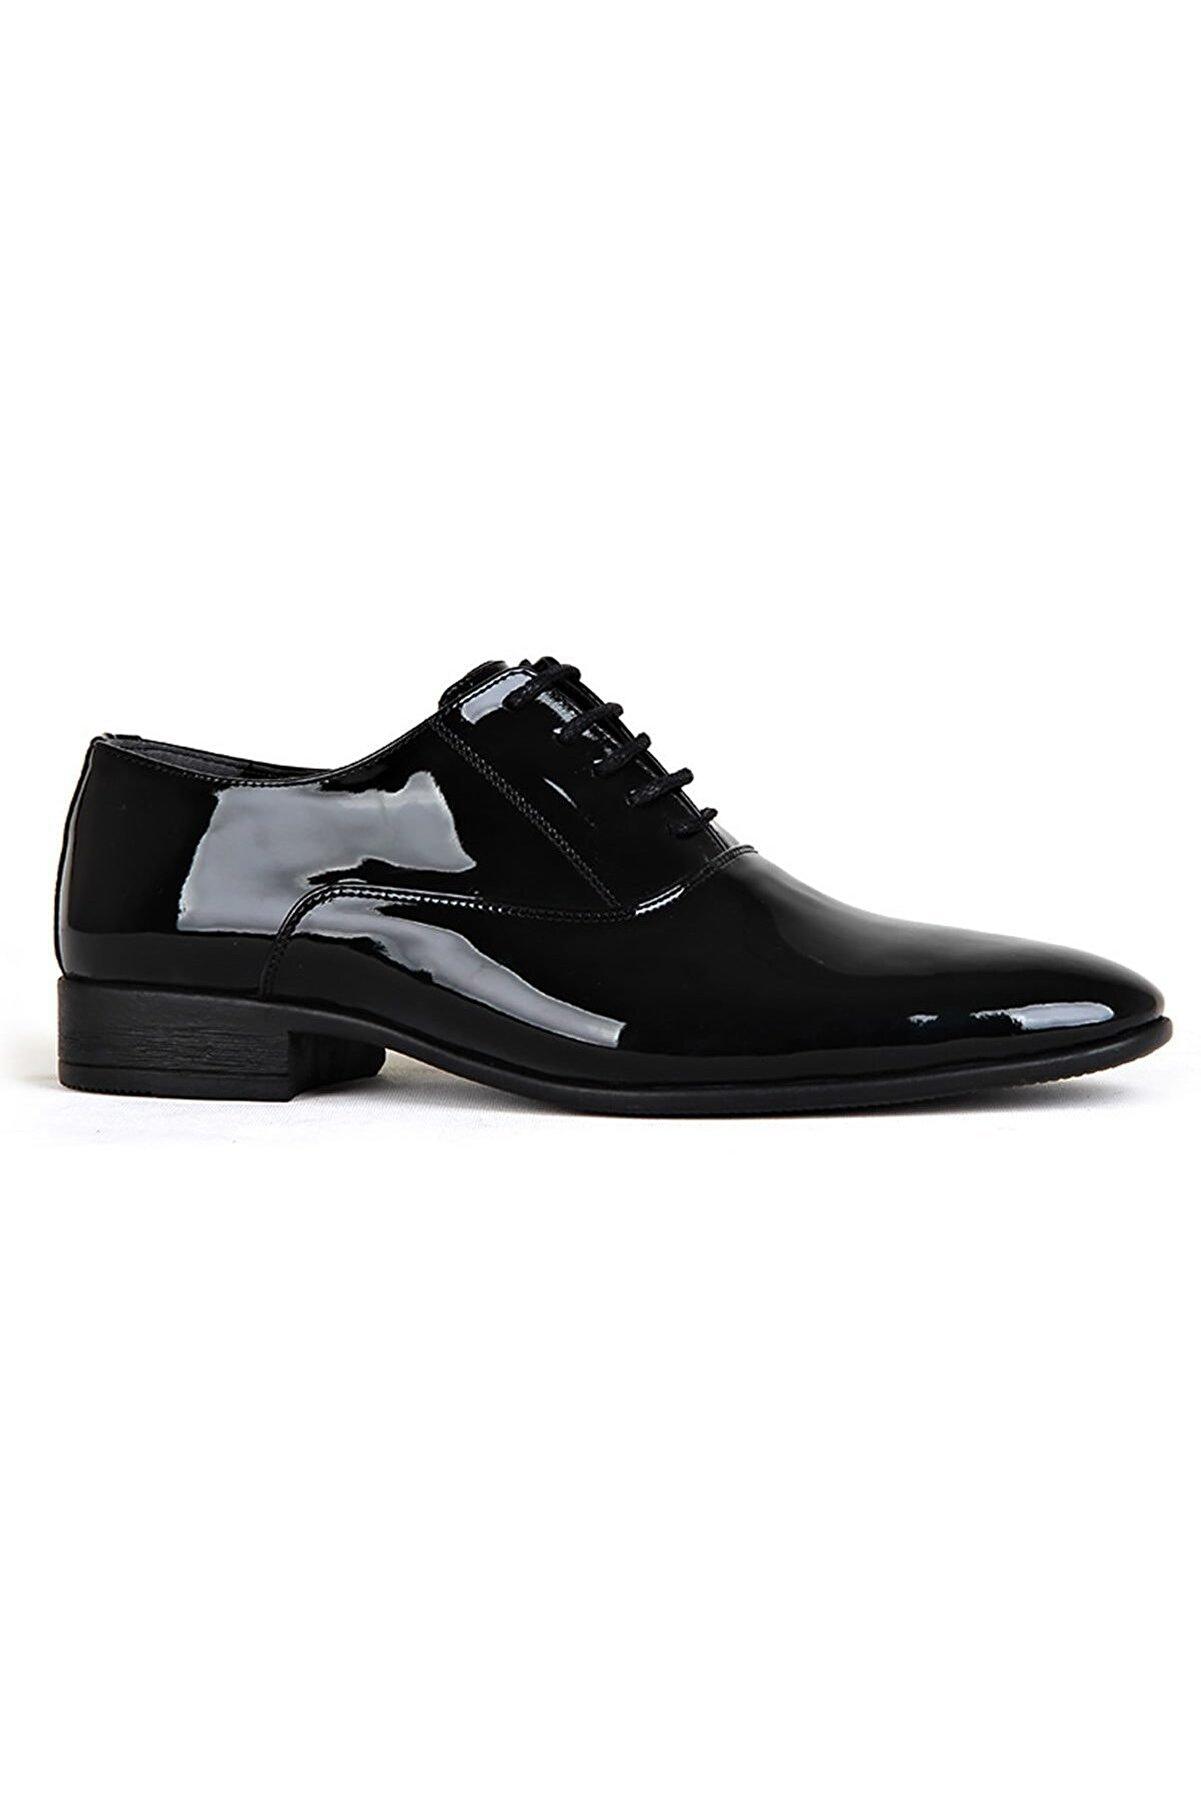 maximoda Siyah Erkek Klasik Ayakkabı PRA-683944-739230